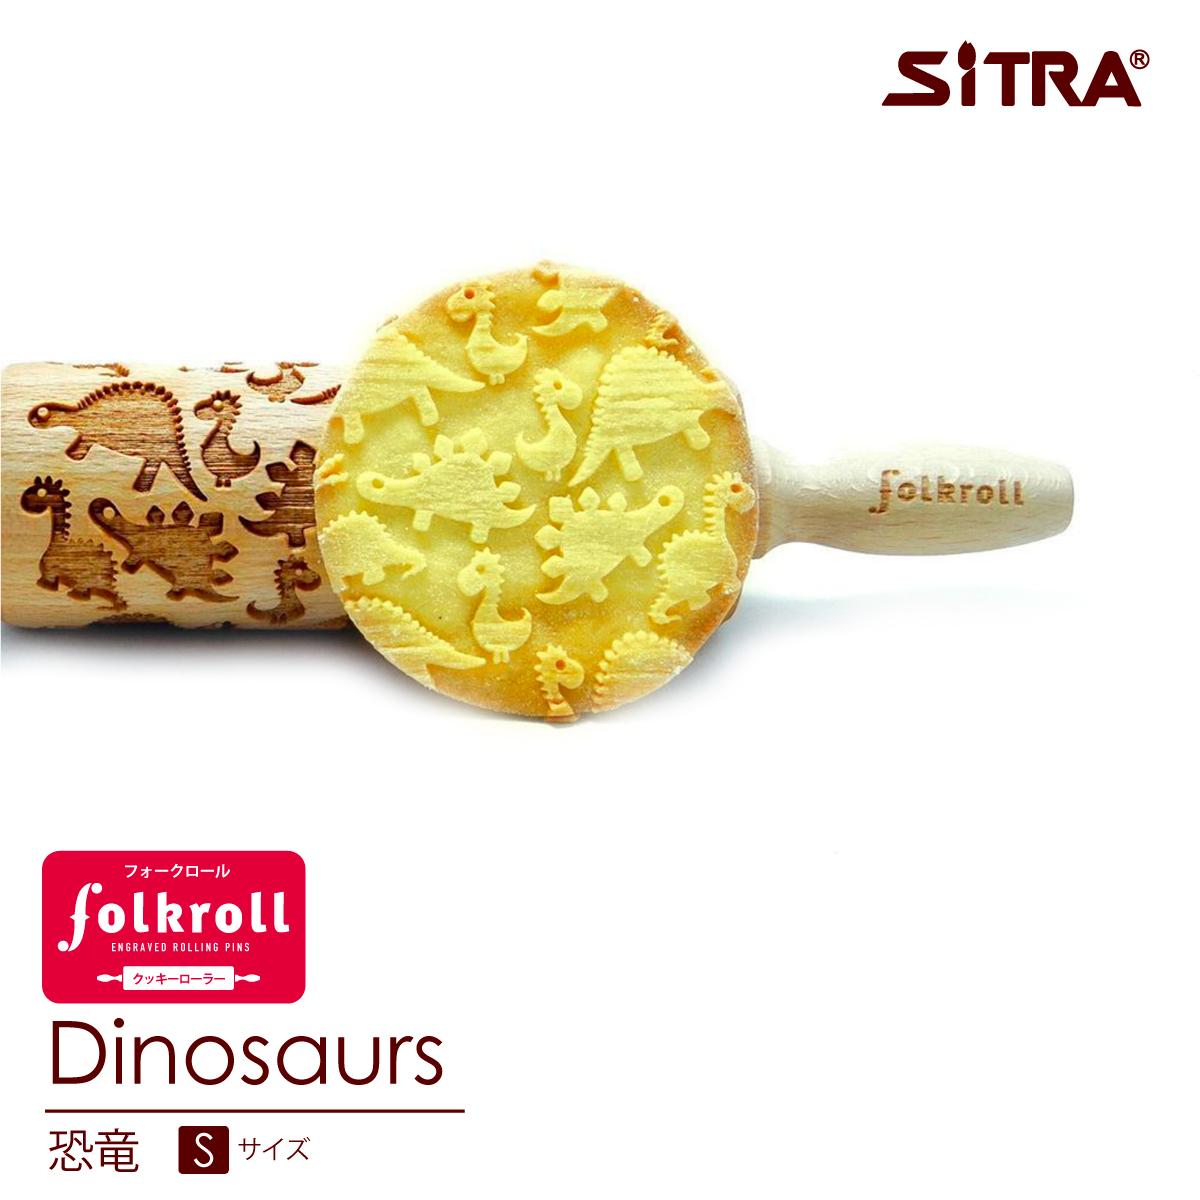 東欧ポーラーンド産メーカー直輸入のクッキーローラー ヨーロッパならではの柄が魅力です SiTRA シトラ おクッキー型とのコラボがおすすめ 送料無料 アイテム勢ぞろい 9 25限定2個以上で10%OFFクーポン オリジナル 木製 クッキーローラー 恐竜 人気 Sサイズ おしゃれで デザインを厳選して直輸入 かわいい プレゼントに ギフト で 珍しい 手作り ヨーロッパ